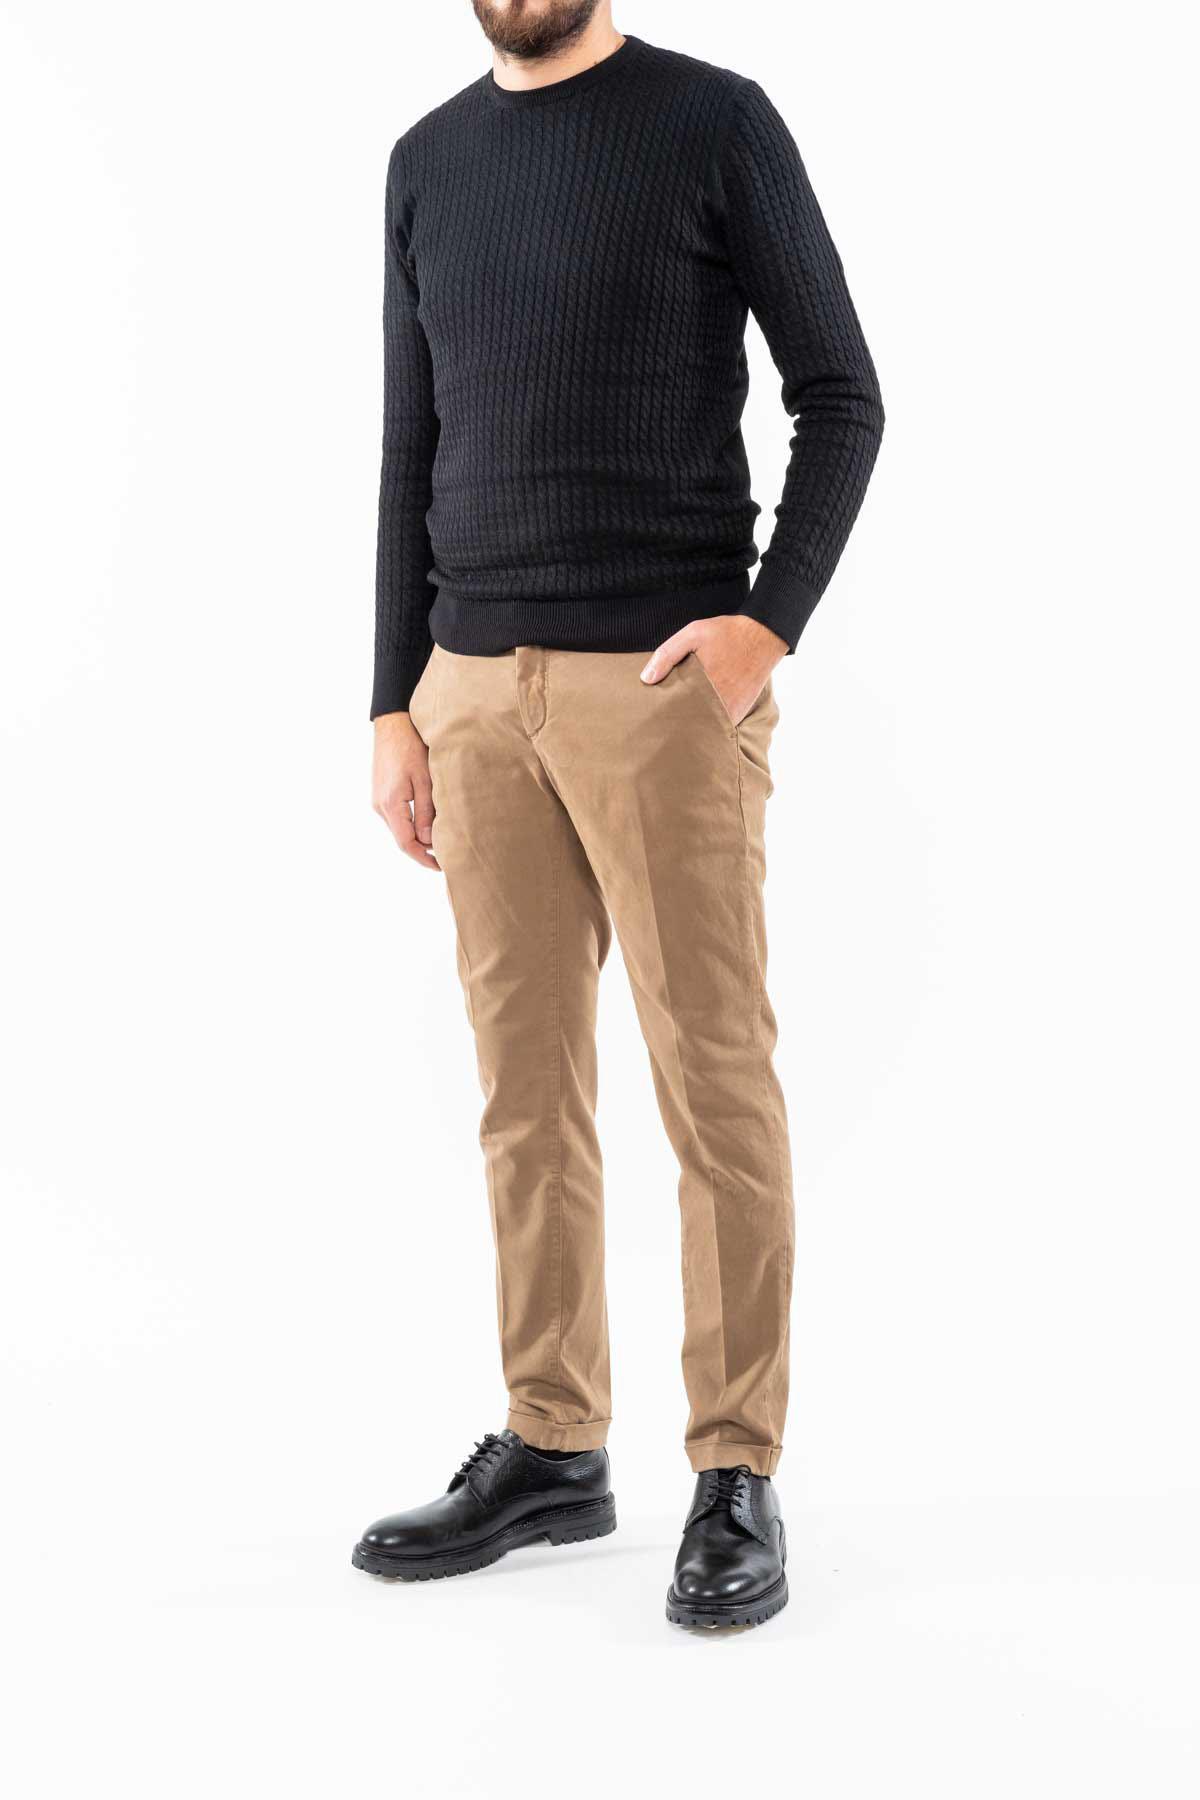 jeans,beige